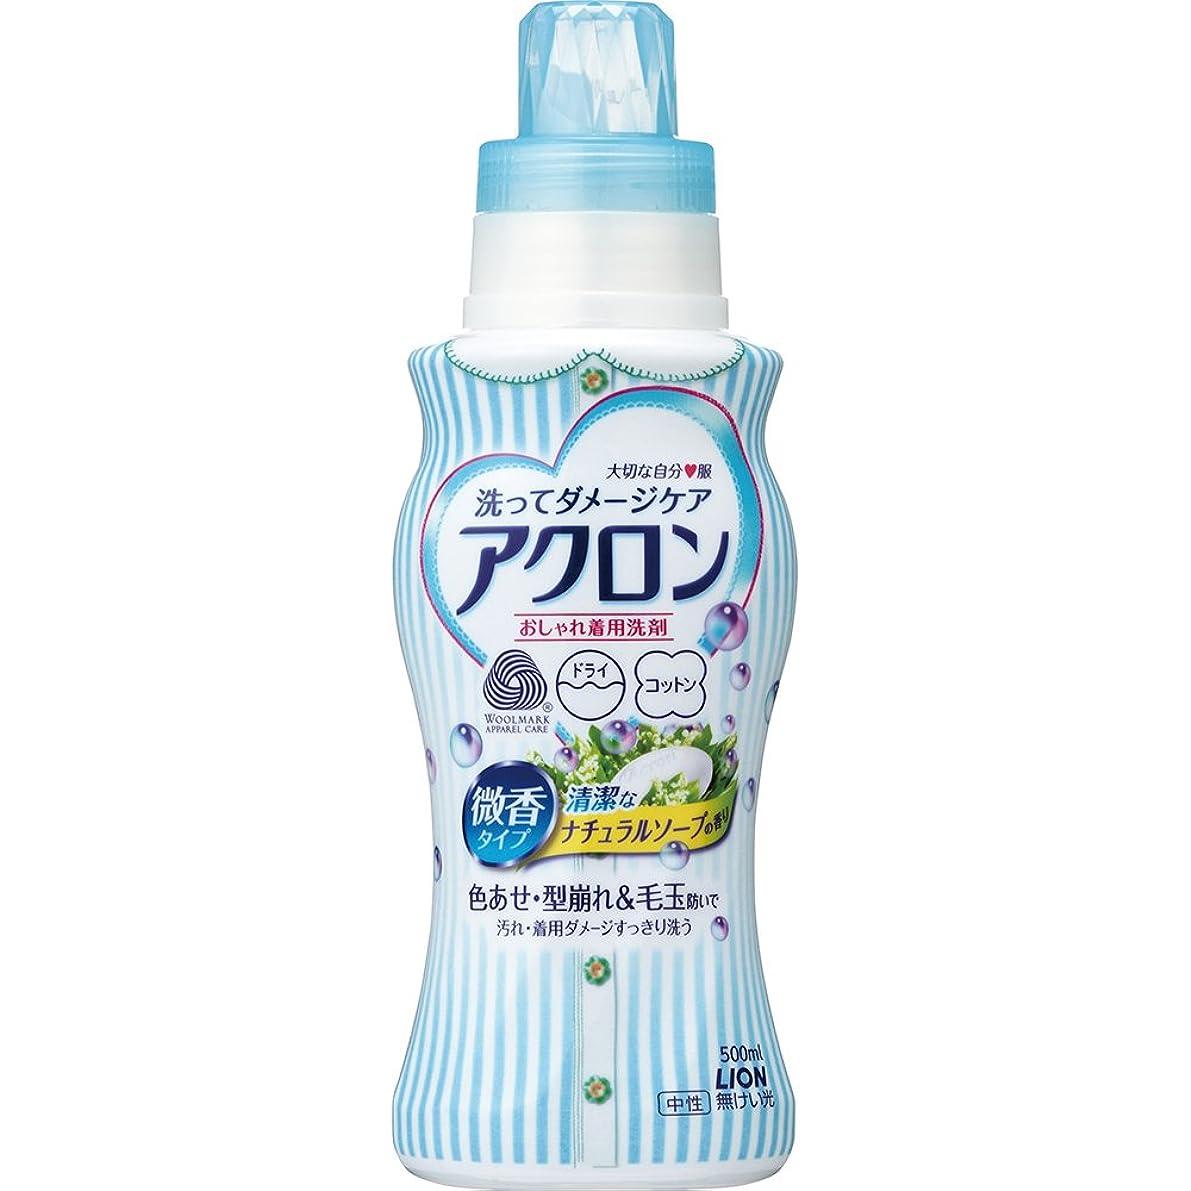 文芸プラットフォーム爆弾アクロン おしゃれ着洗剤 ナチュラルソープの香り 本体 500ml